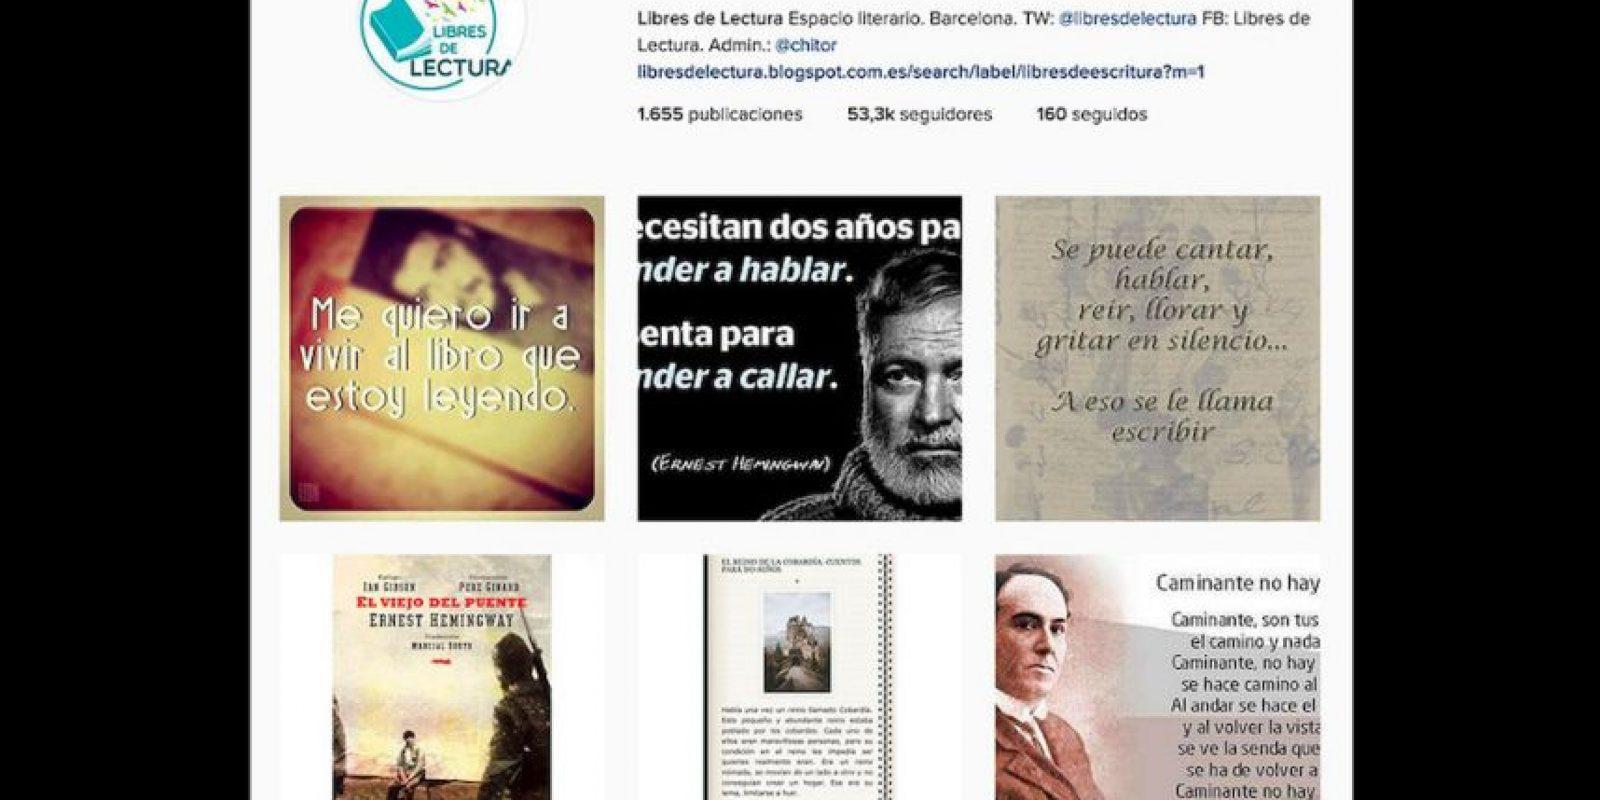 ¿A ustedes qué les gusta más?, leer en sus dispositivos electrónicos o en material impreso. Foto:Reproducción Instagram